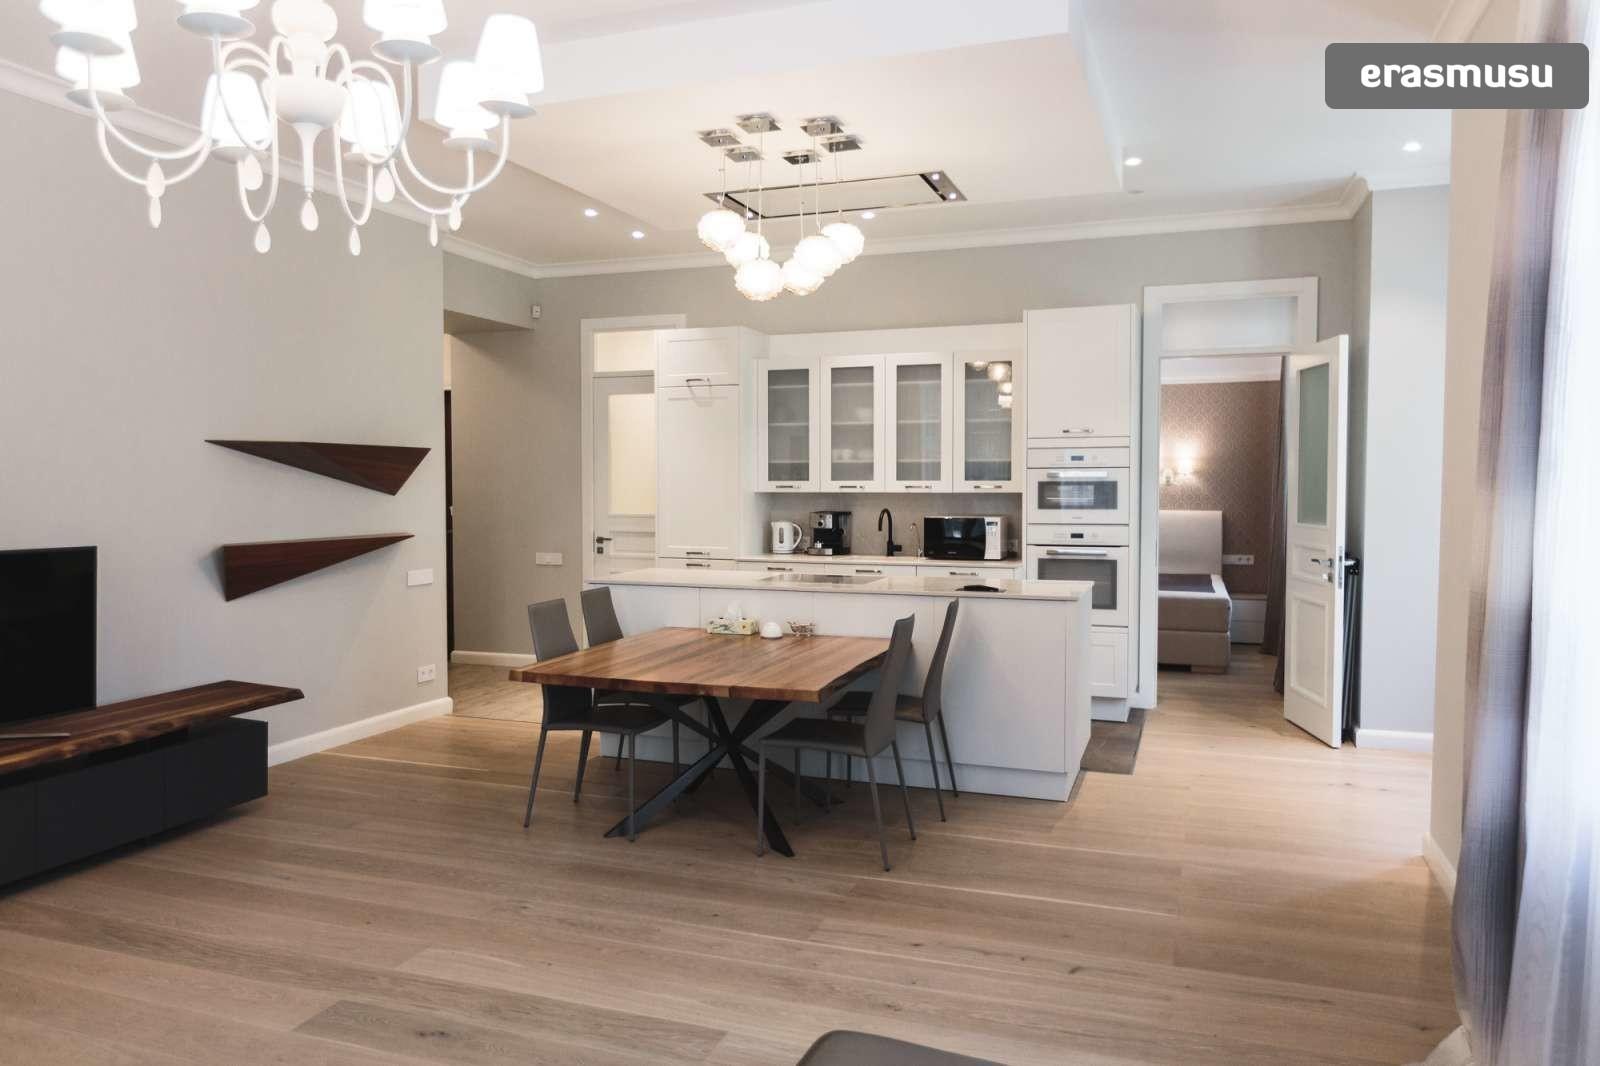 elegant-1-bedroom-apartment-rent-centrs-a3c40cb63a0c0fe7144822bc